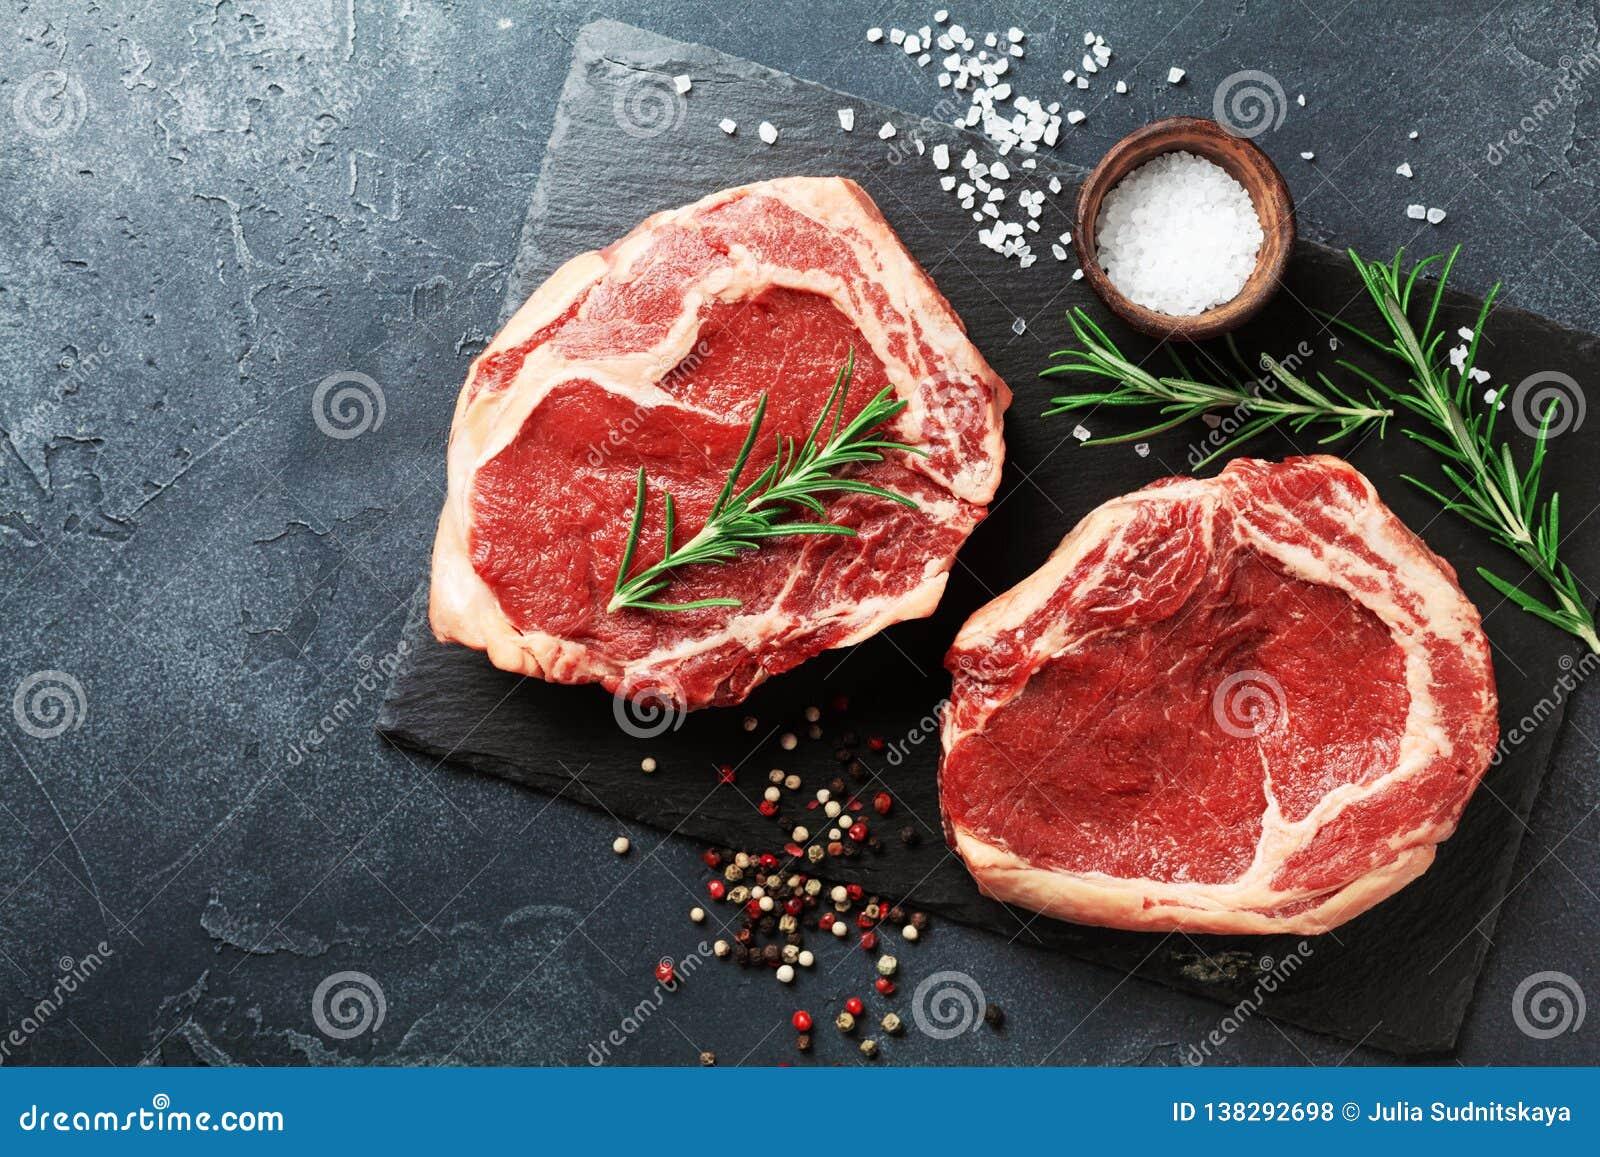 Φρέσκο κρέας τοπ άποψη πινάκων πλακών στη μαύρη Ακατέργαστα μπριζόλα και καρυκεύματα βόειου κρέατος για το μαγείρεμα